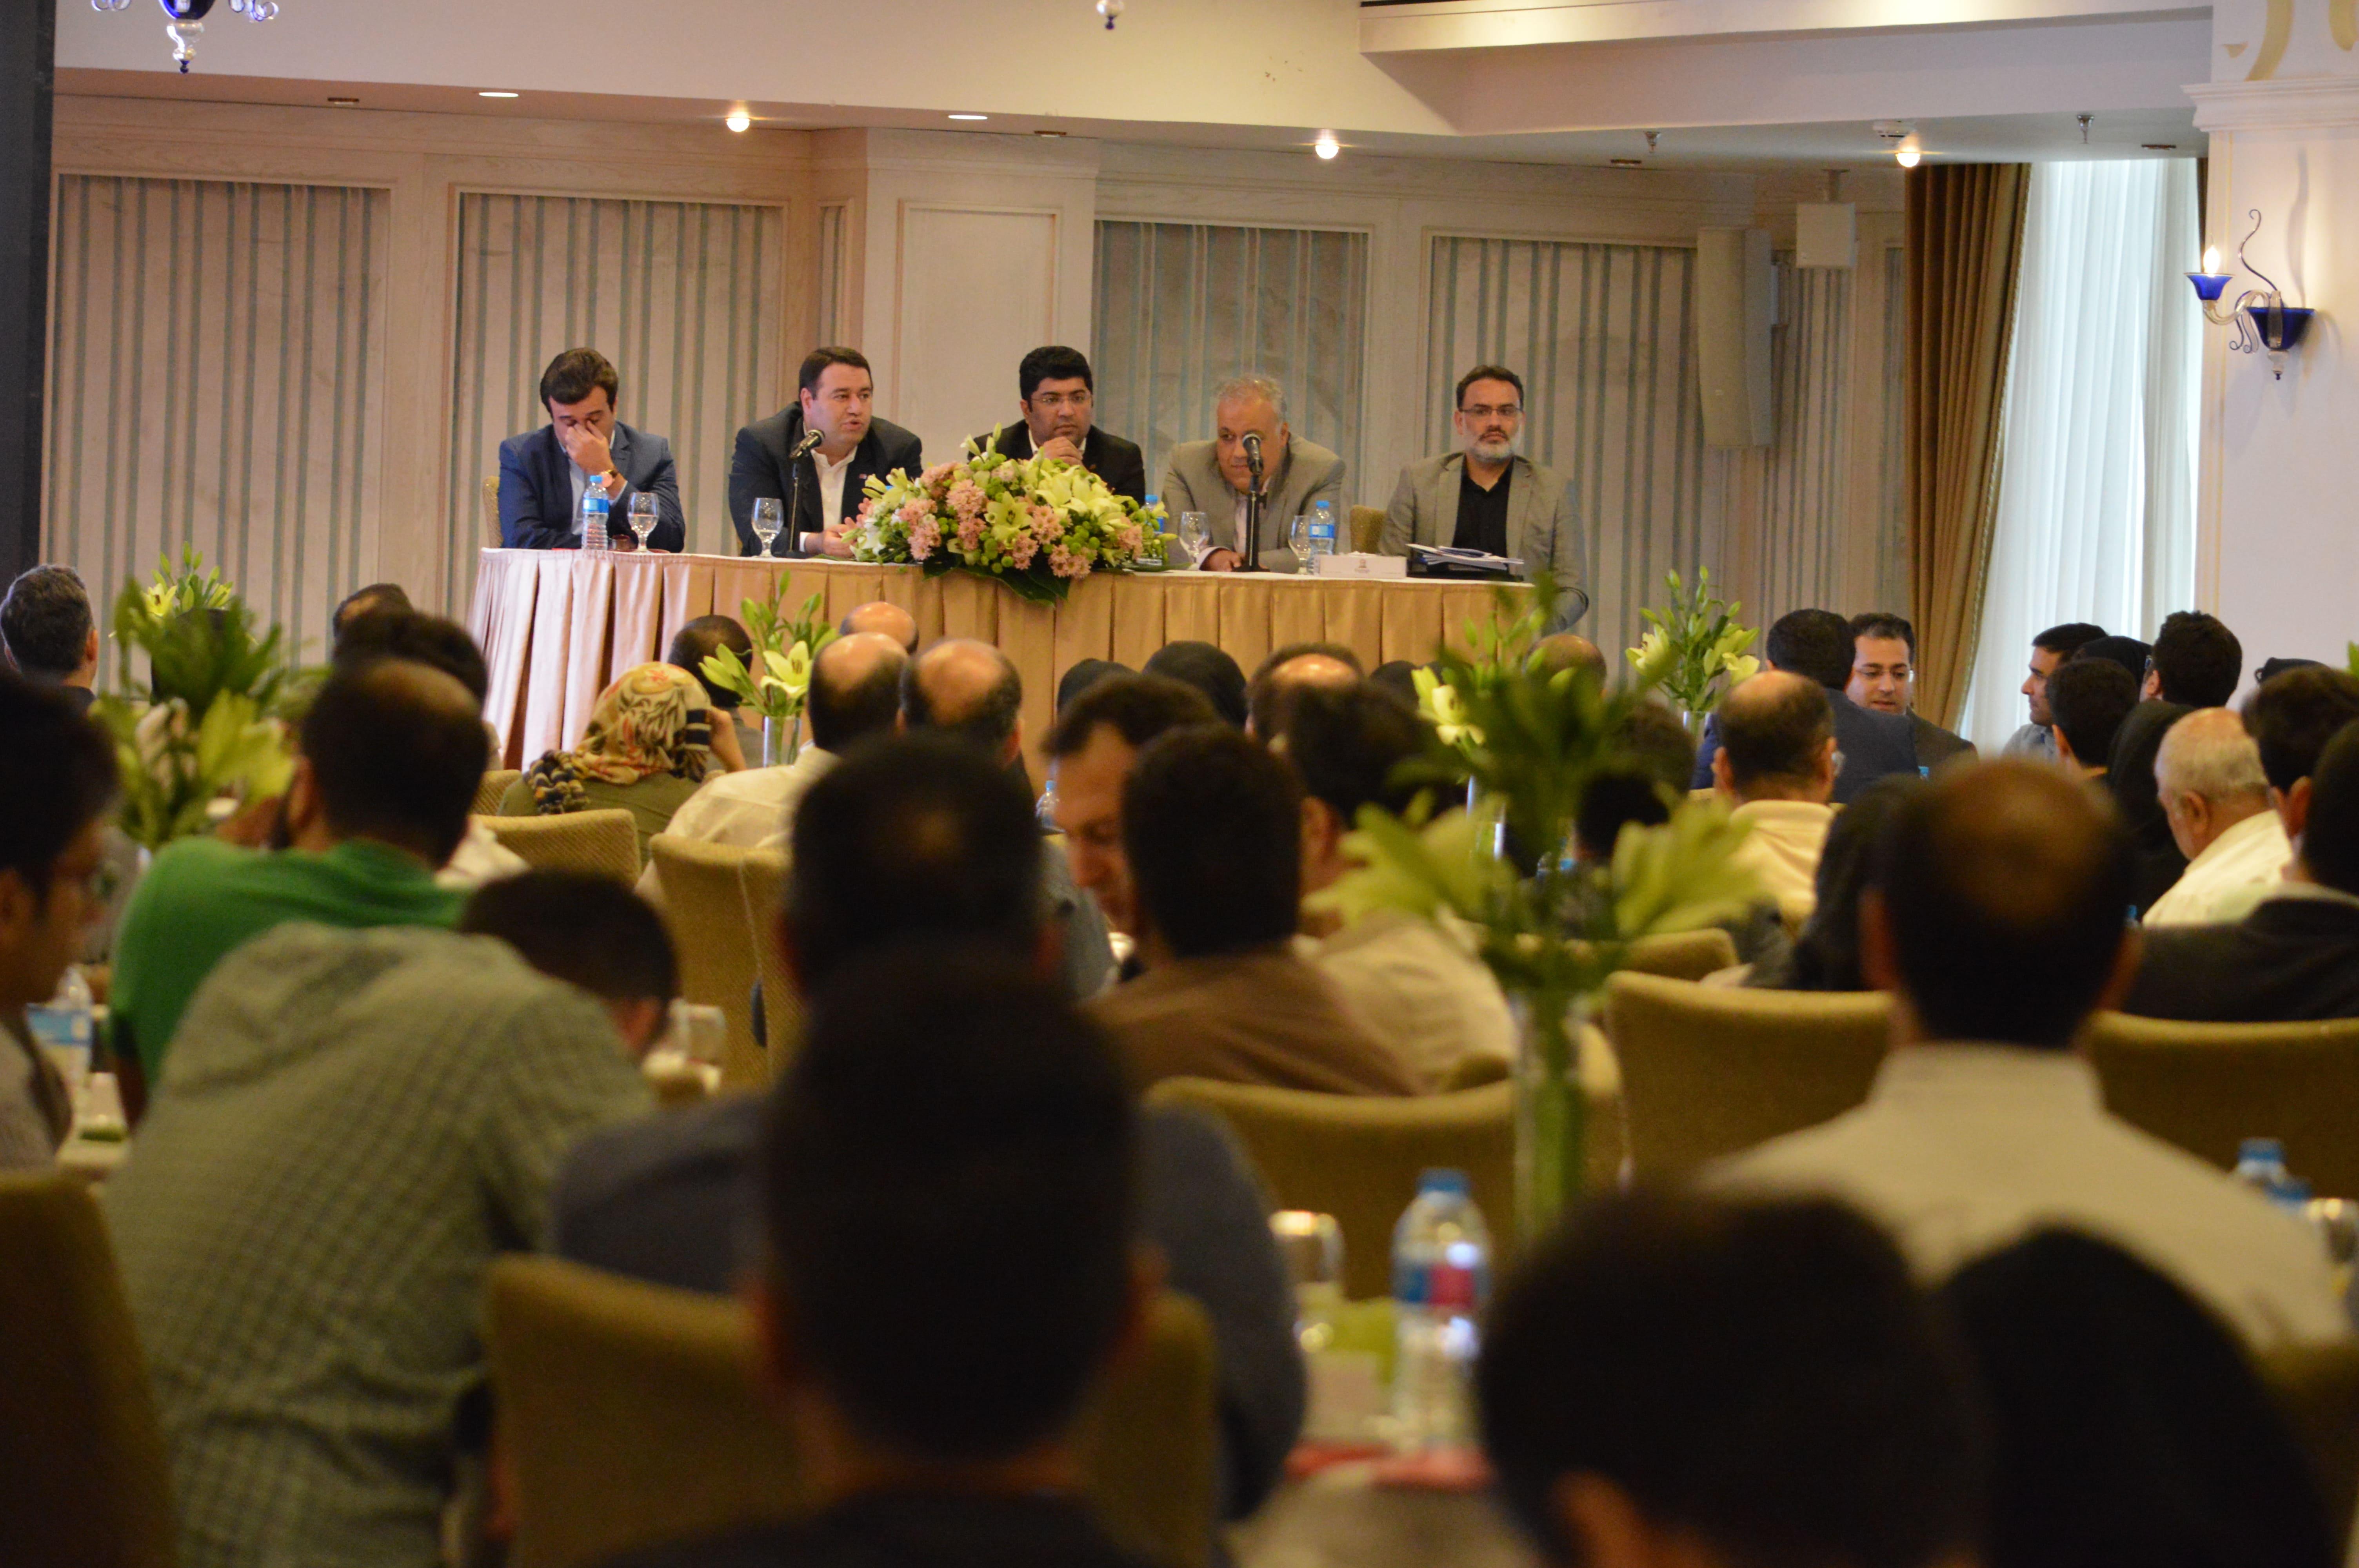 جلسه معارفه های وب 3